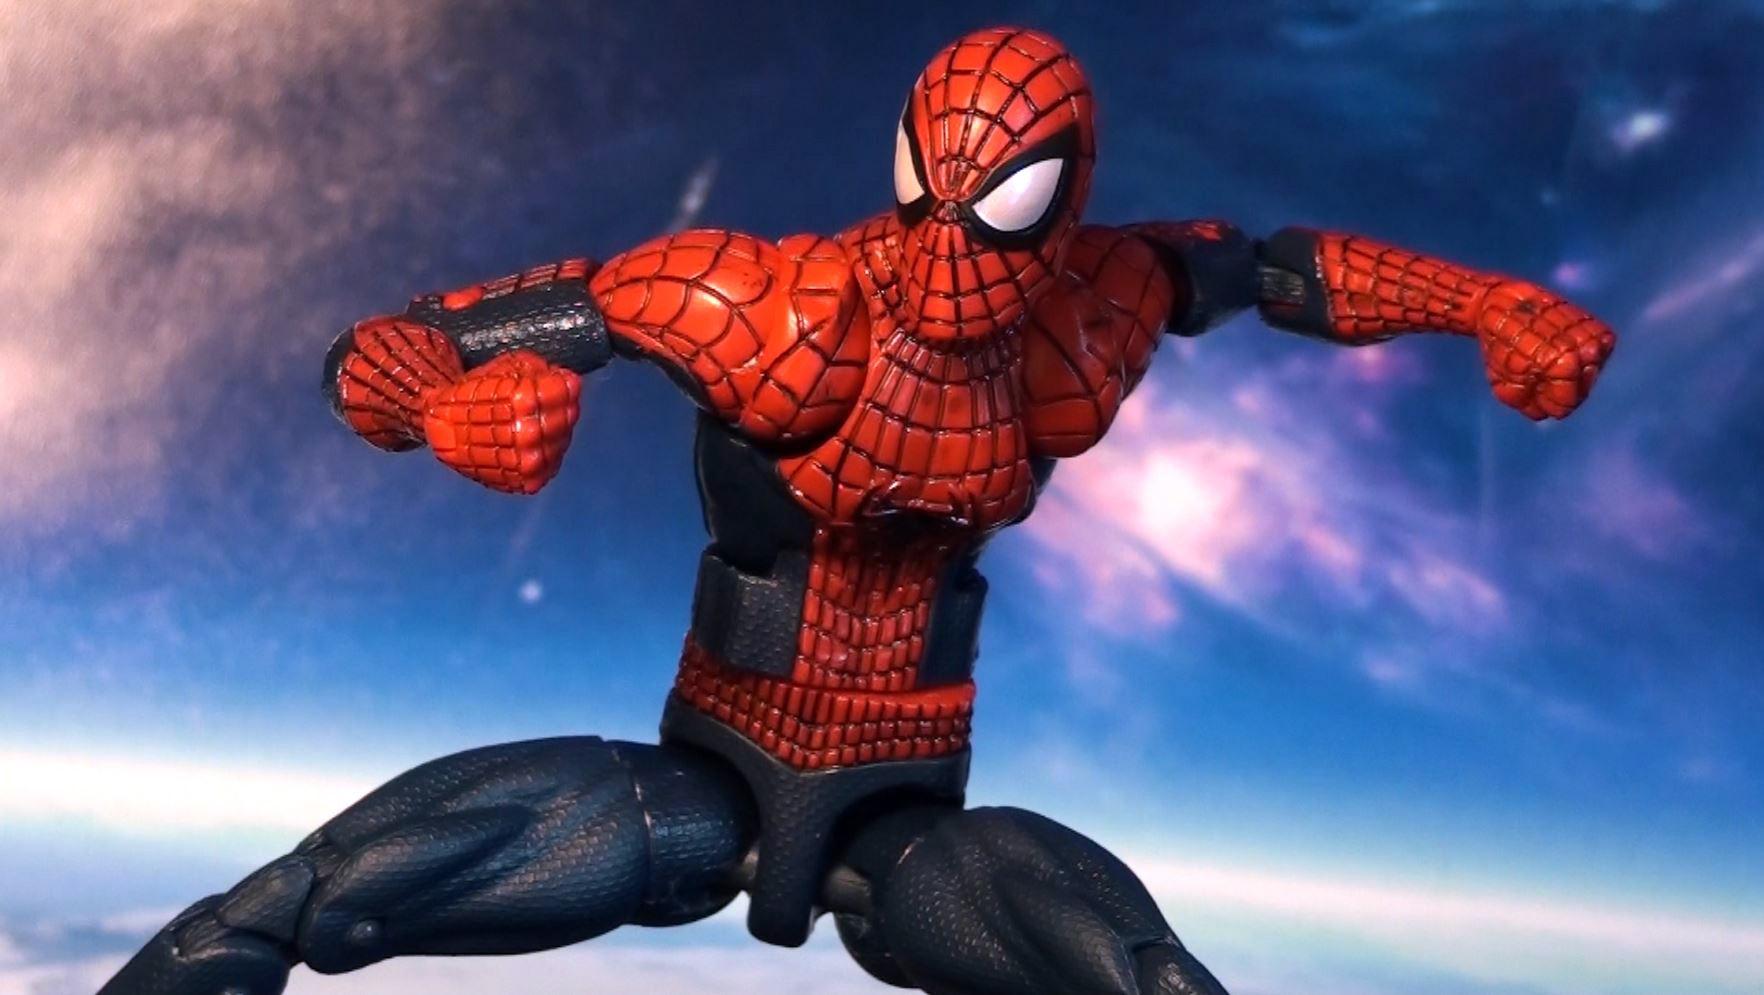 The Amazing Spider-Man Bienvenido a Hdtoytheater-1159